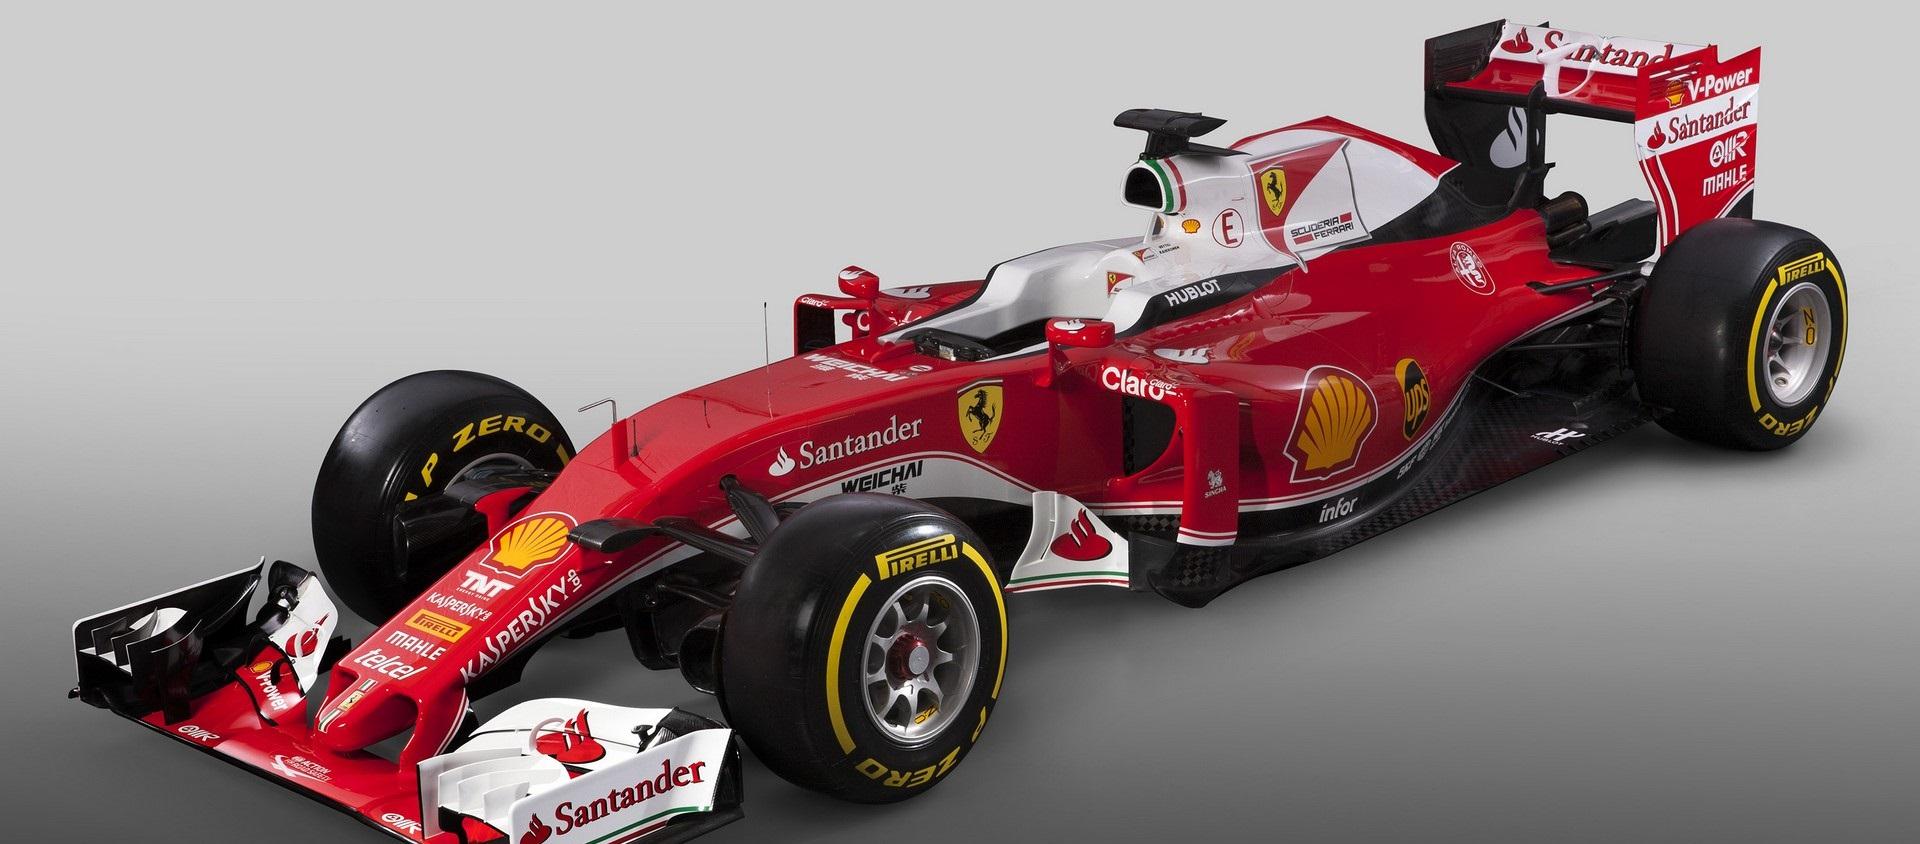 Itt az első kémvideó a 2016-os Ferrariról: Vettel és Raikkönen a pályán